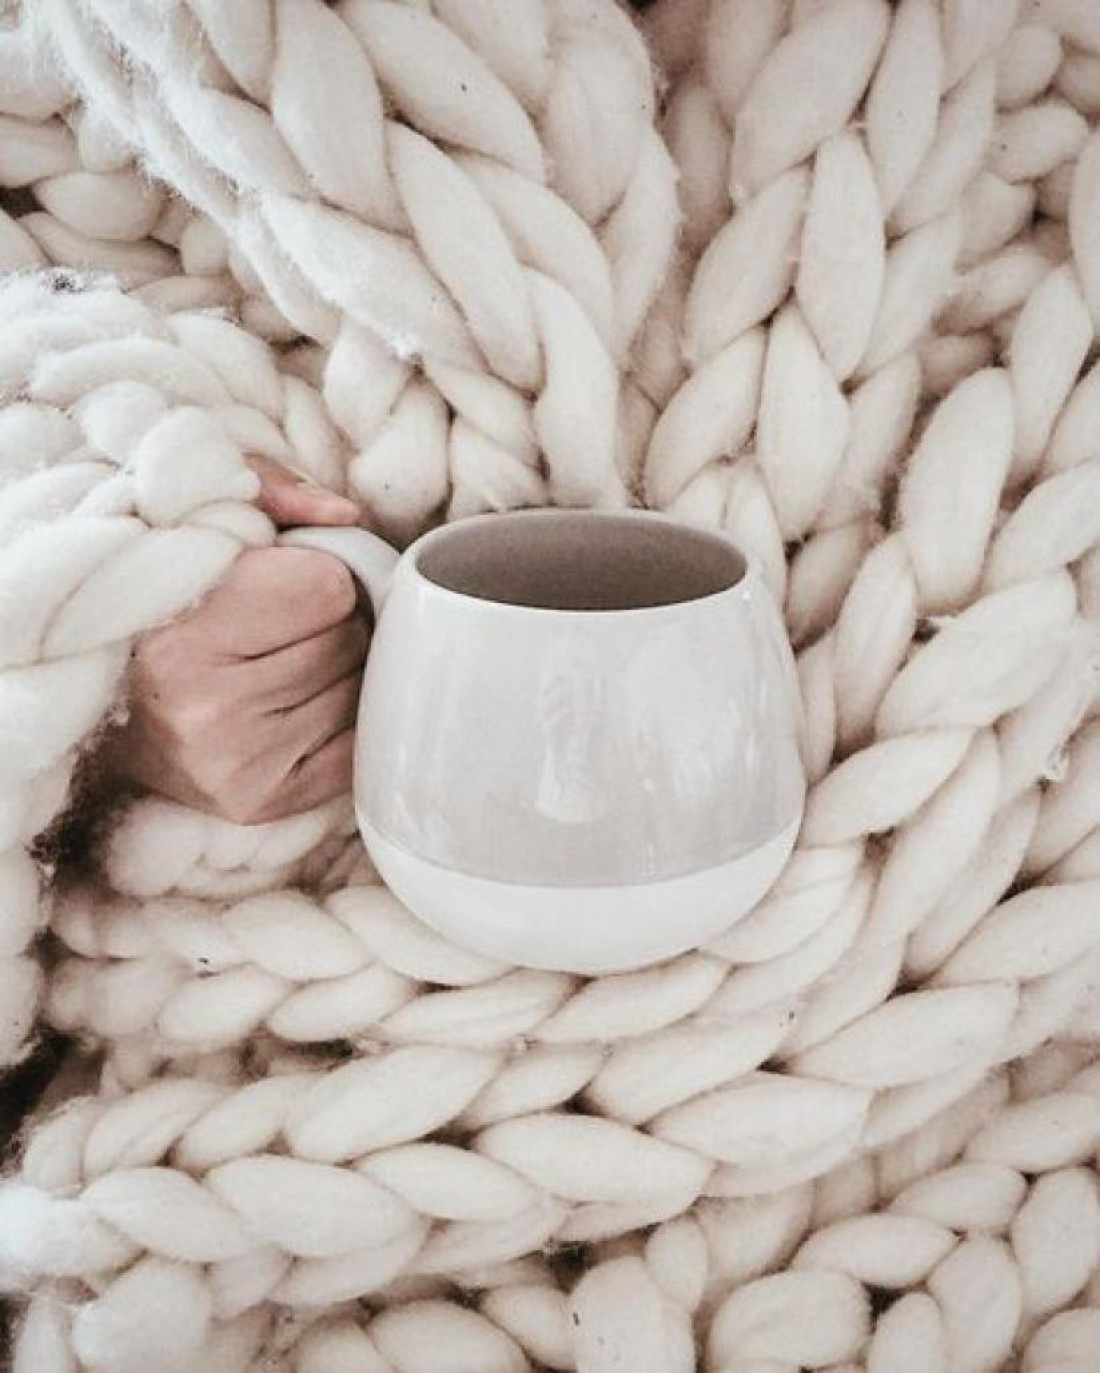 Пока организм не адаптировался к холодам, одеваться следует теплее